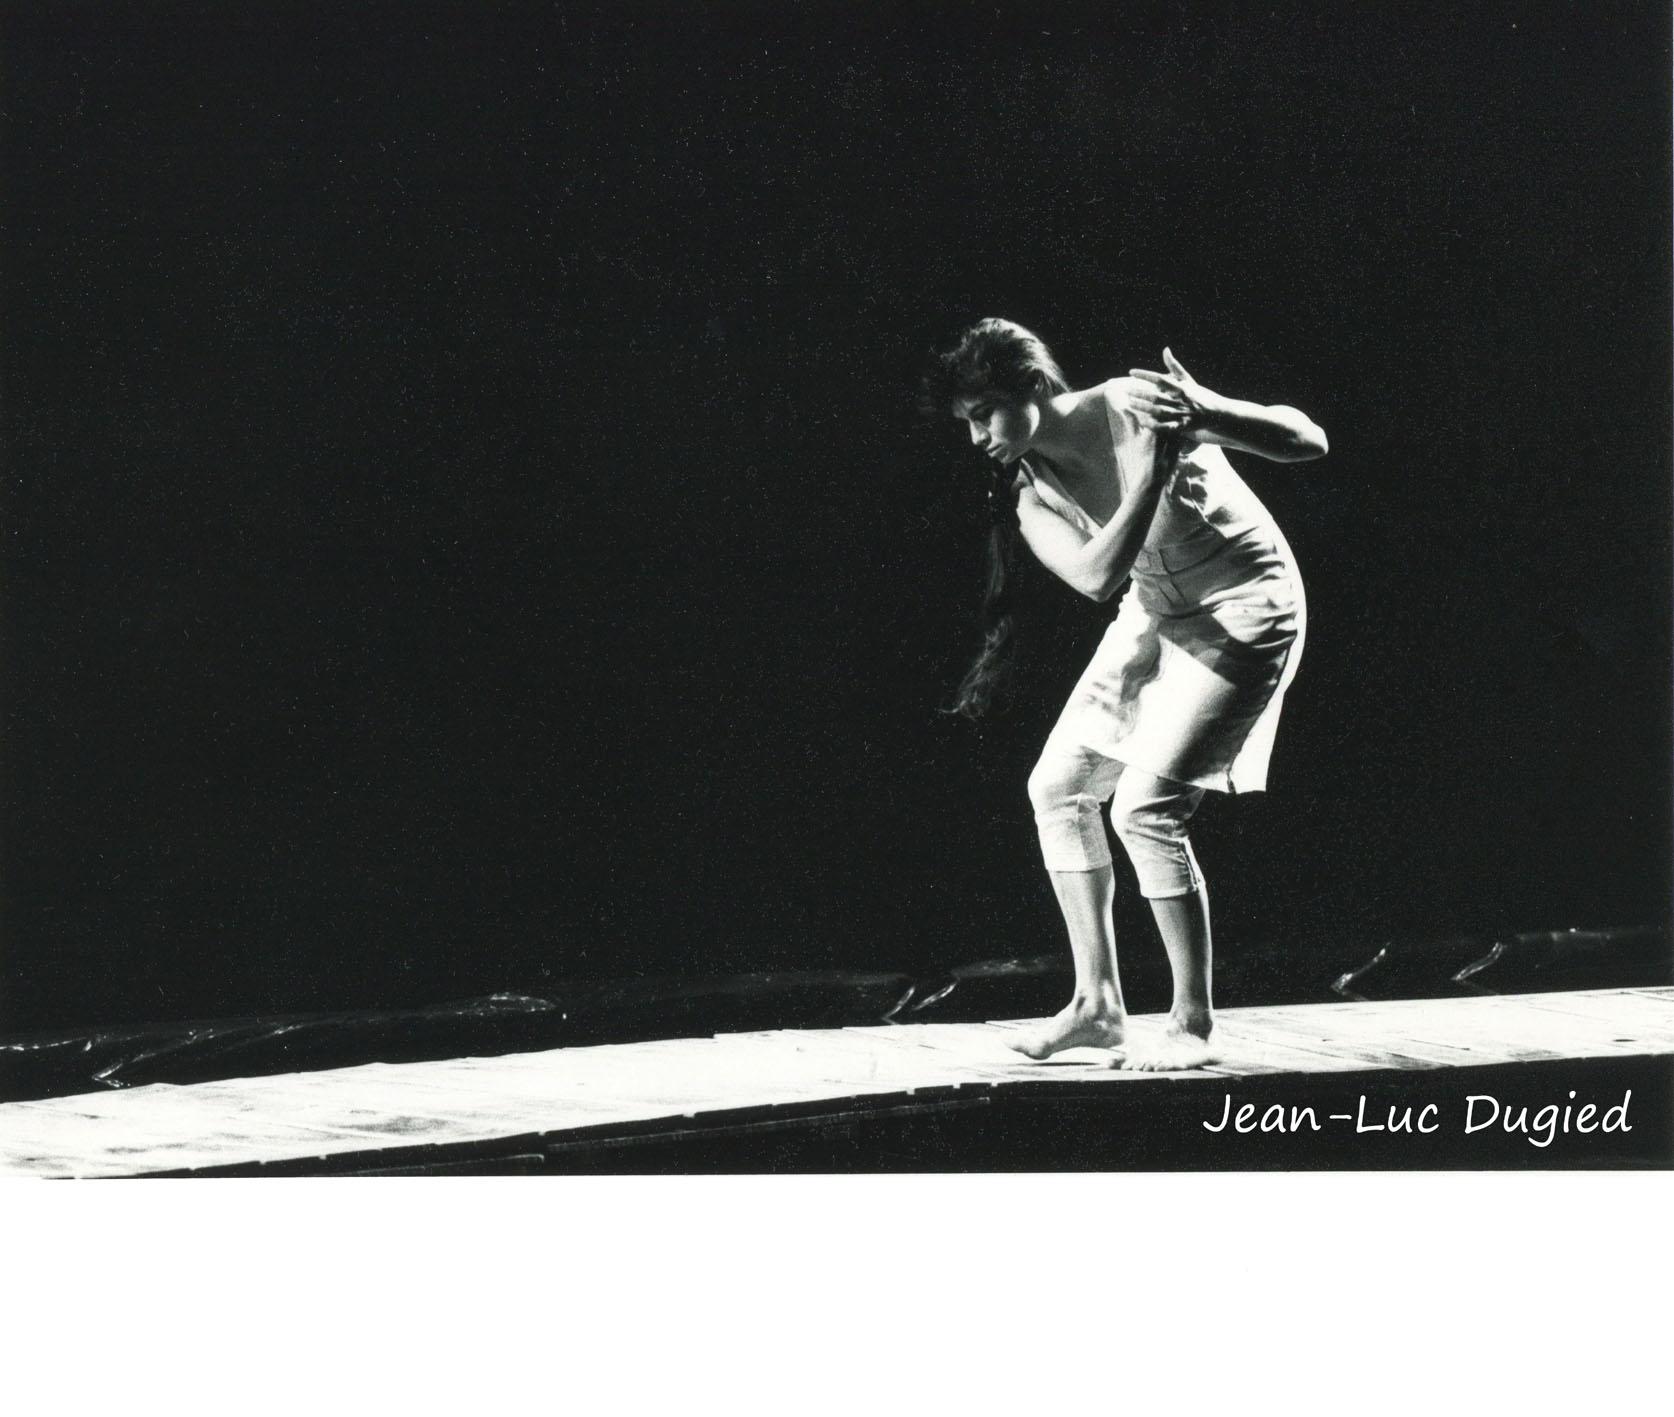 45 Dugied Fabrice - le ciel de mousson - Pascale Bonnet - 1989